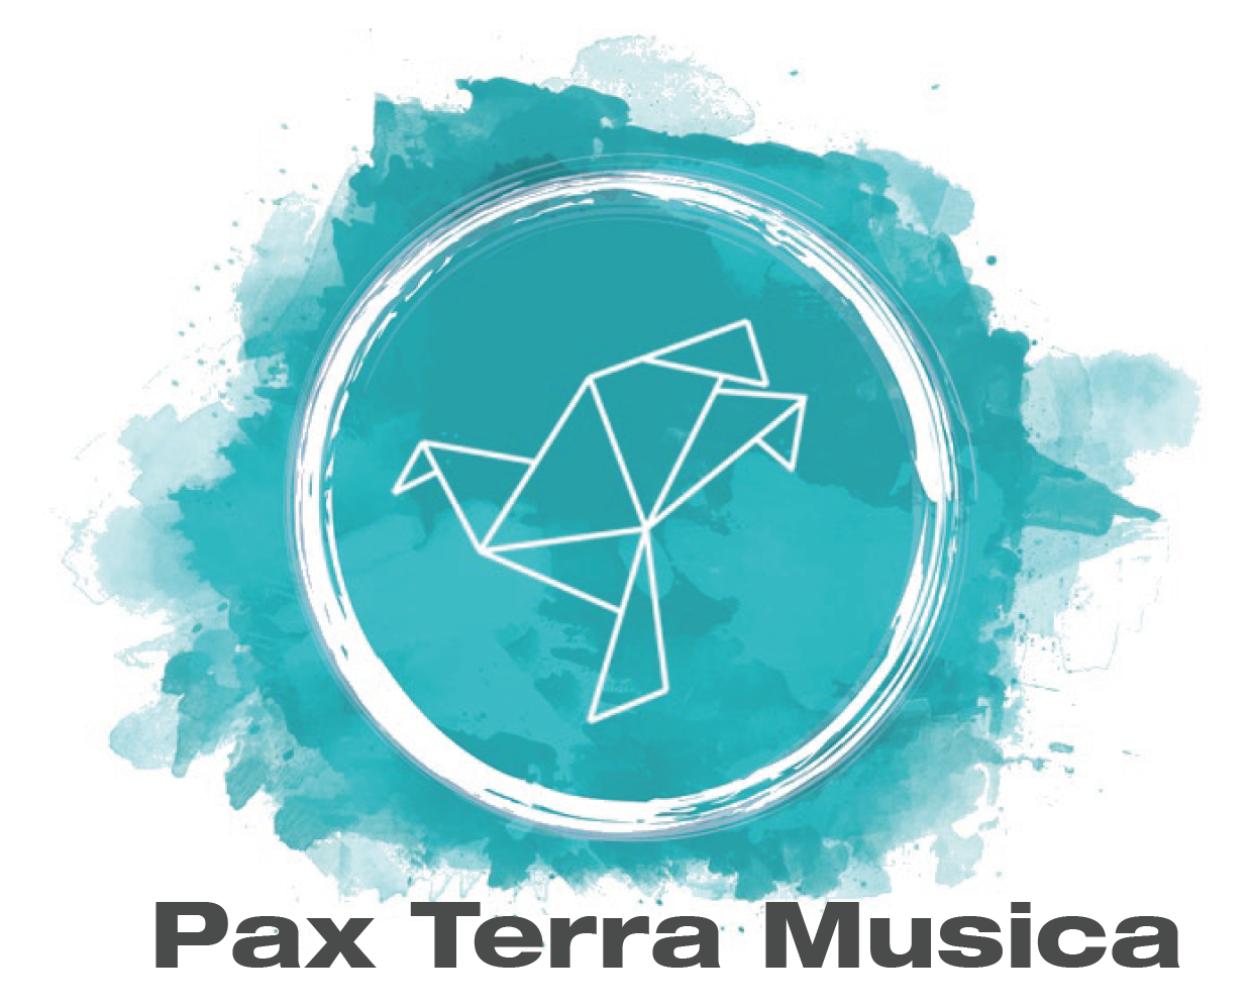 Bildergebnis für pax terra musica bilder